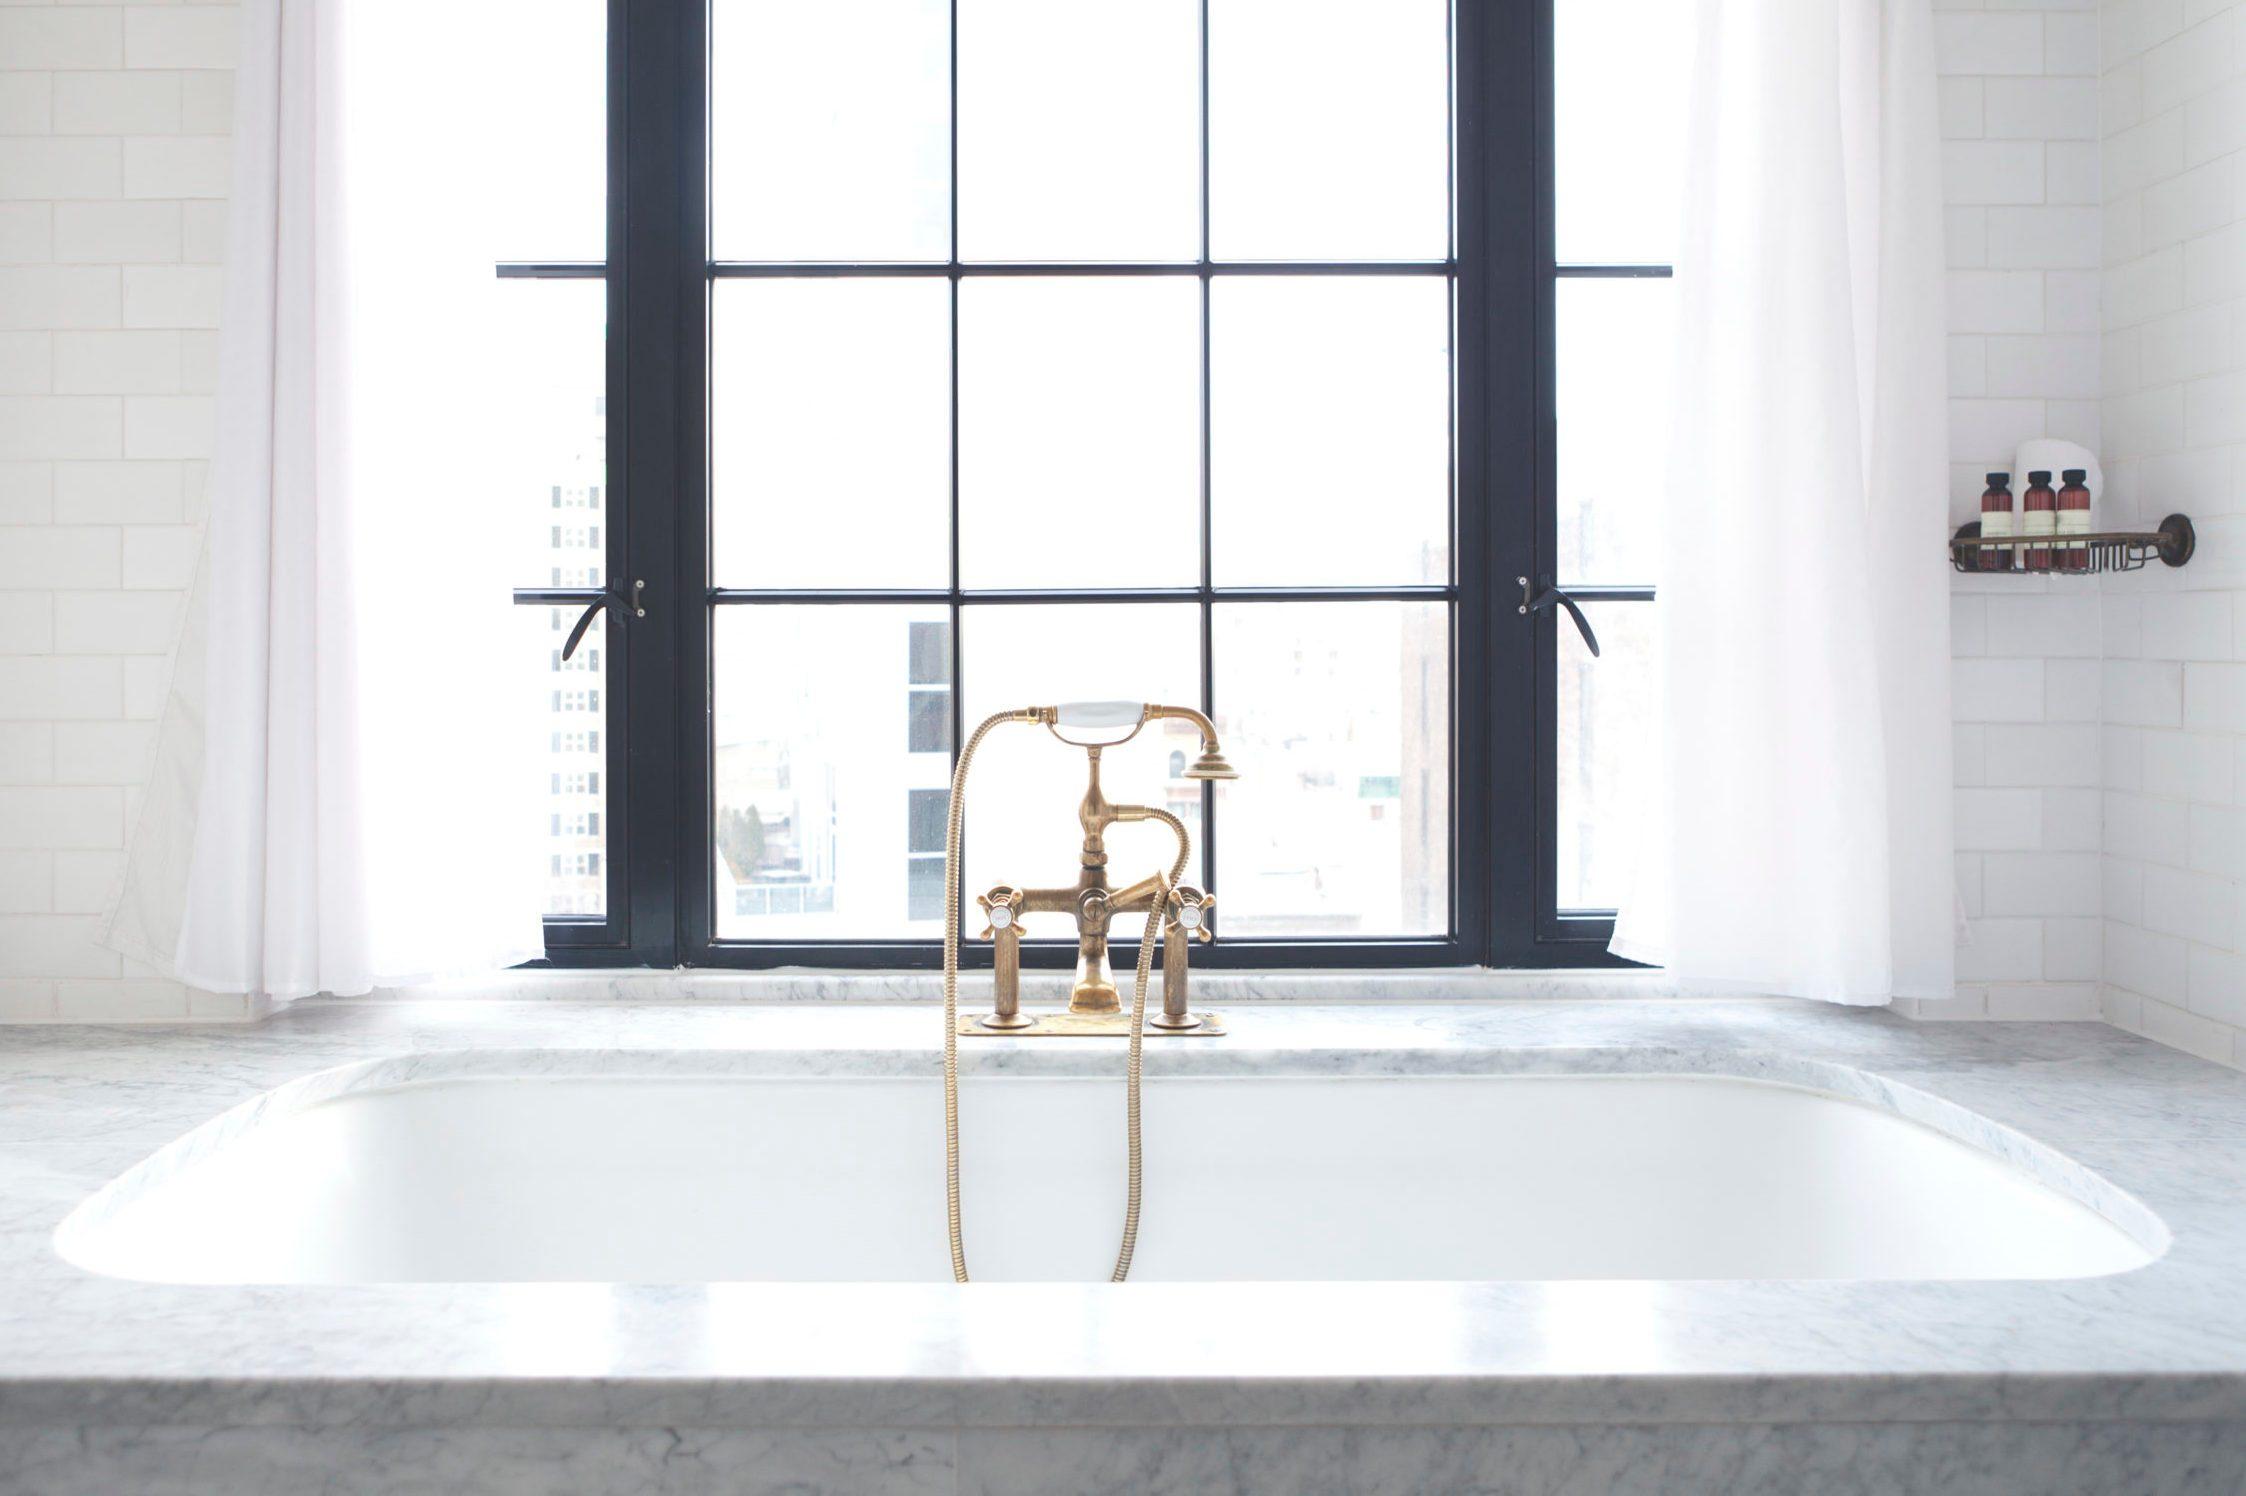 Luxury Bathtub at Bowery Hotel NYC